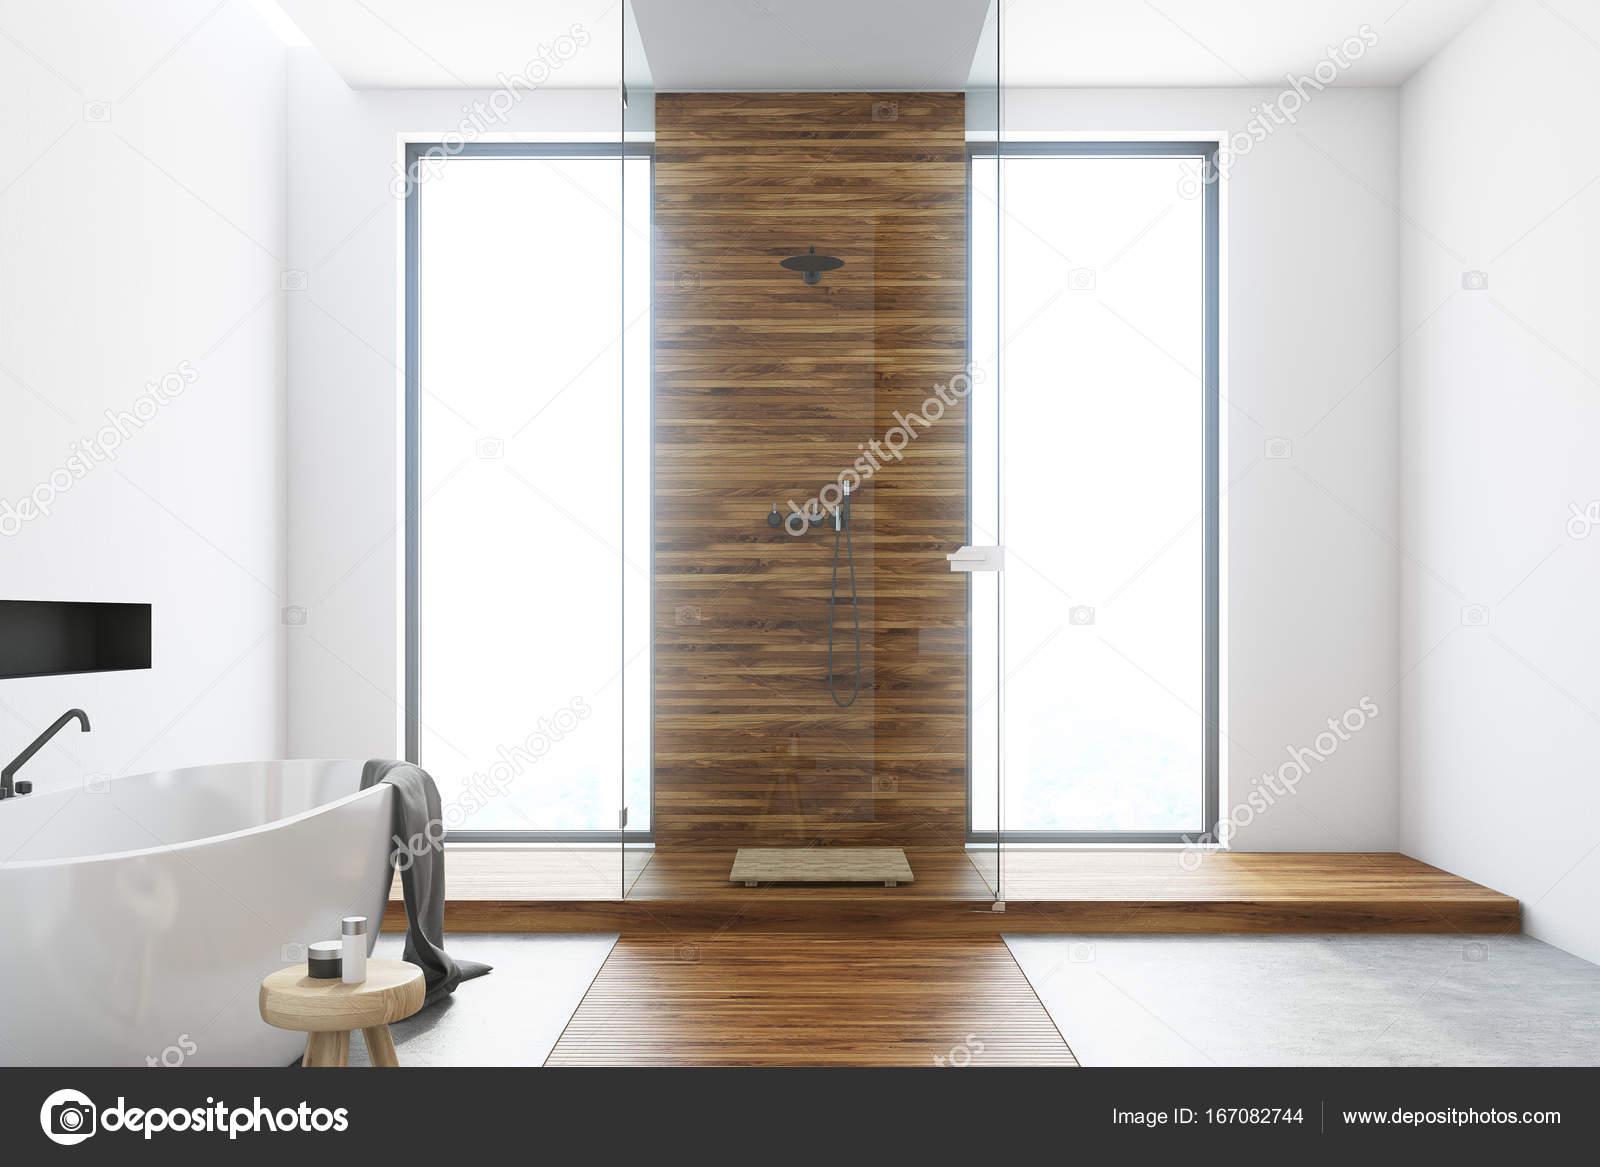 Tina de ba o blanco y madera blanco fotos de stock for Bano blanco y madera